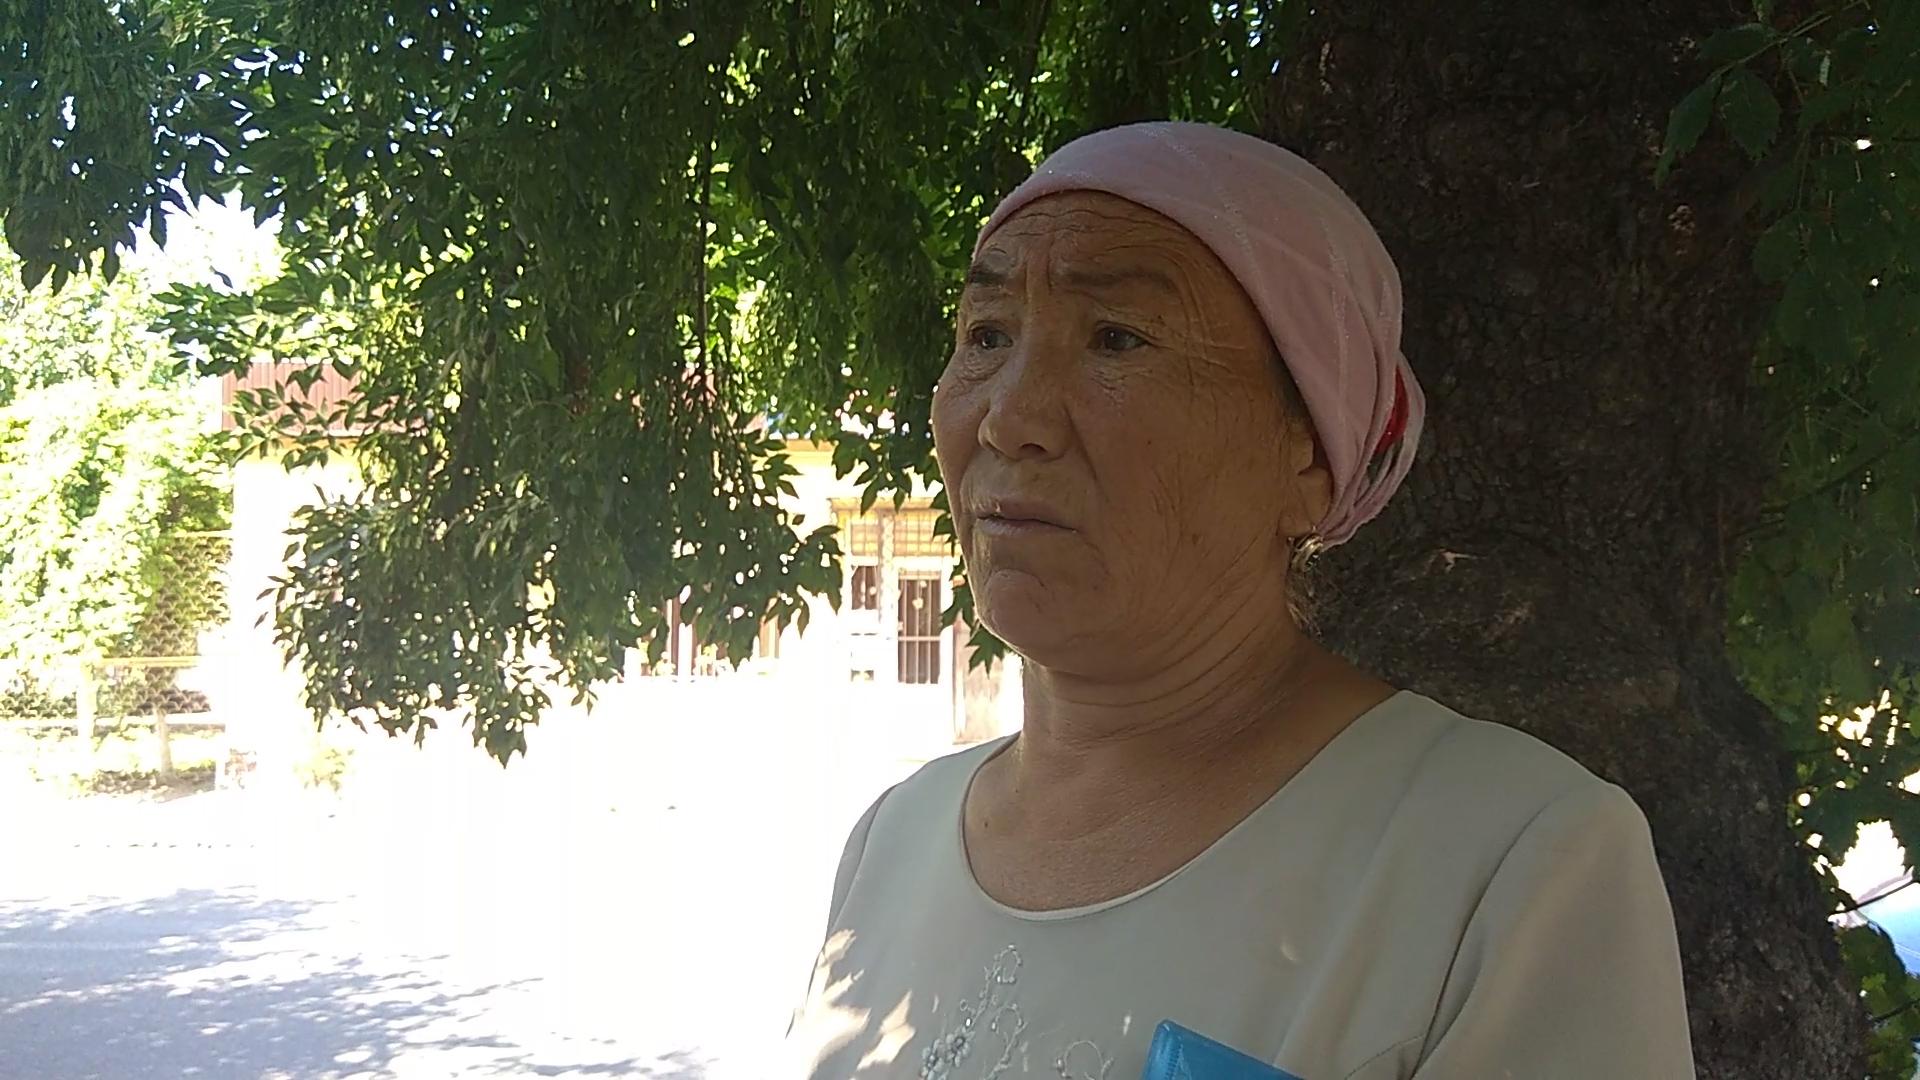 Супруга осужденного: «Китайская пуговица послужила поводом для обвинения моего мужа в убийстве»